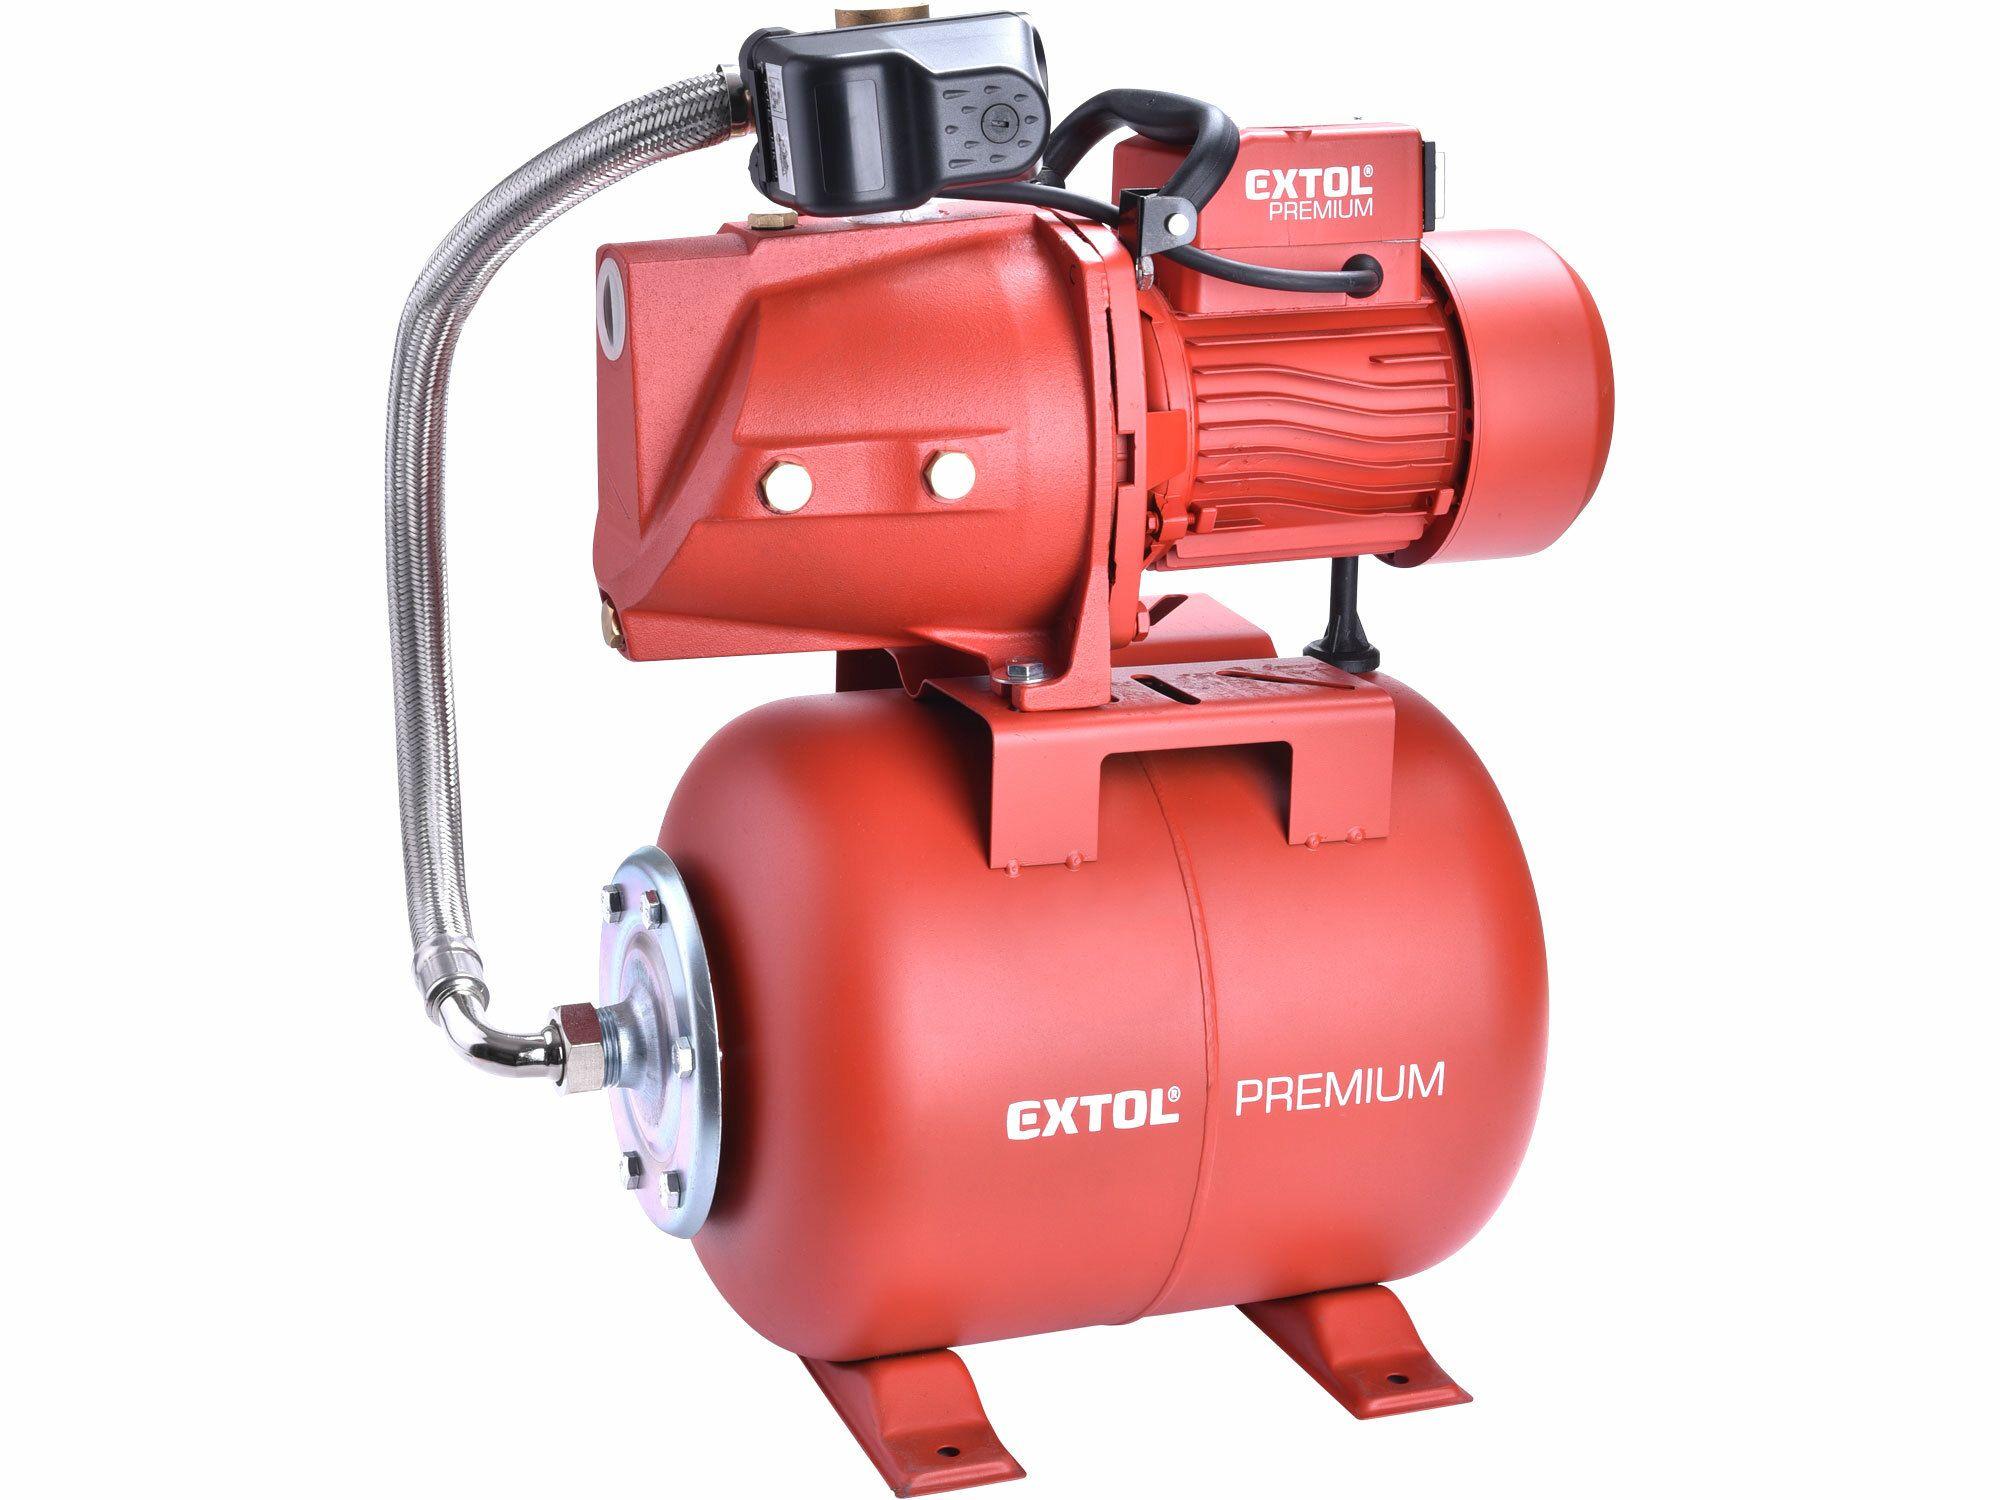 Čerpadlo proudové s tlakovou nádobou, 750W, 5270l/hod, EXTOL PREMIUM, 8895095